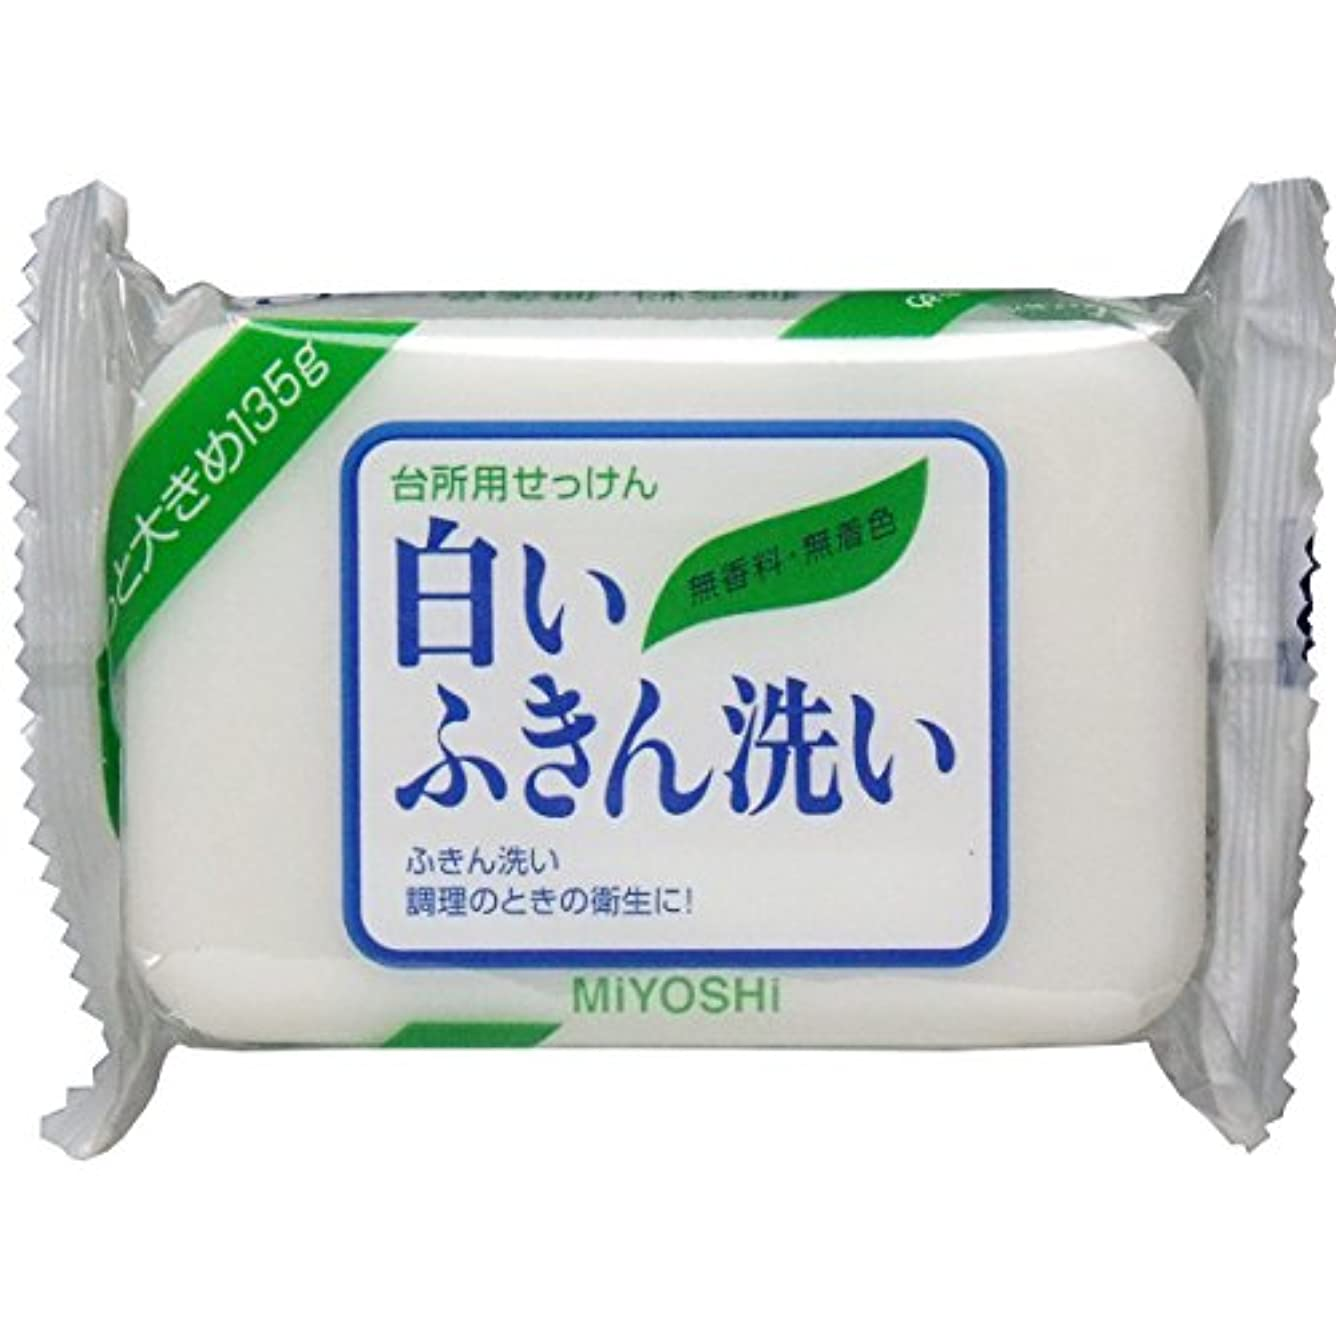 鮮やかな深く石鹸ミヨシ石鹸 白いふきん洗い